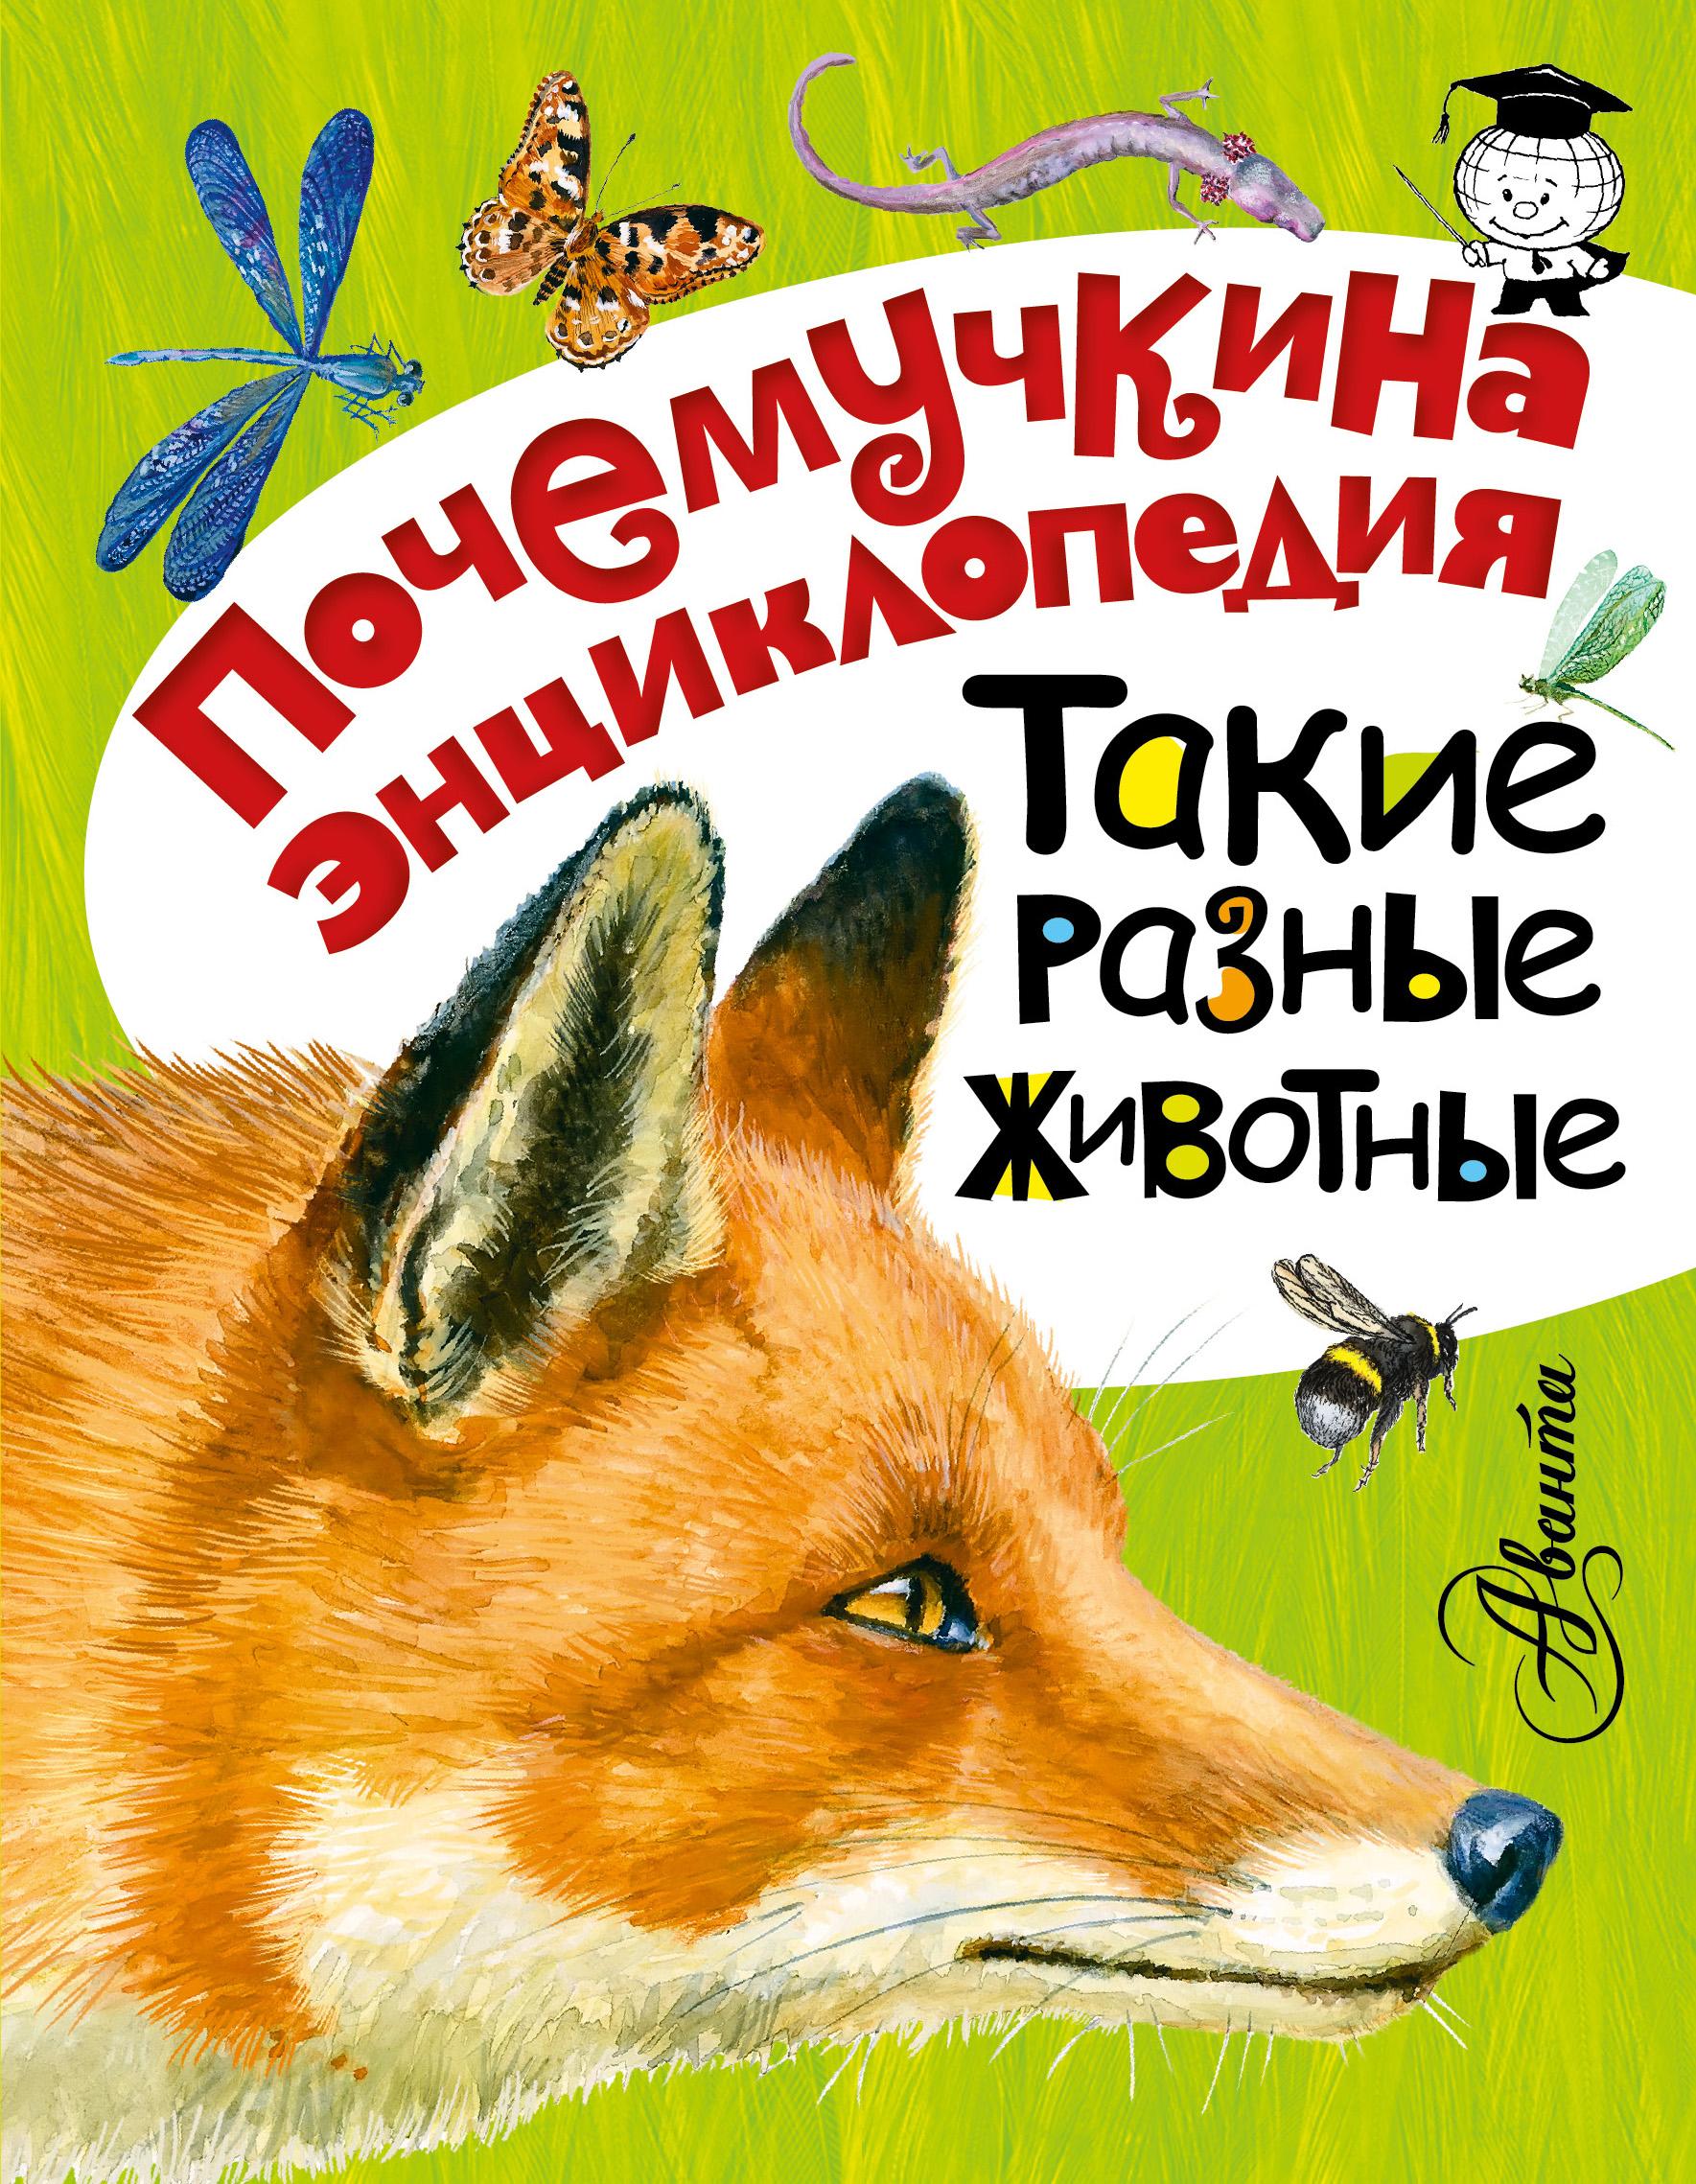 Игорь Акимушкин Такие разные животные неволина е а щелкунчик и другие сказки